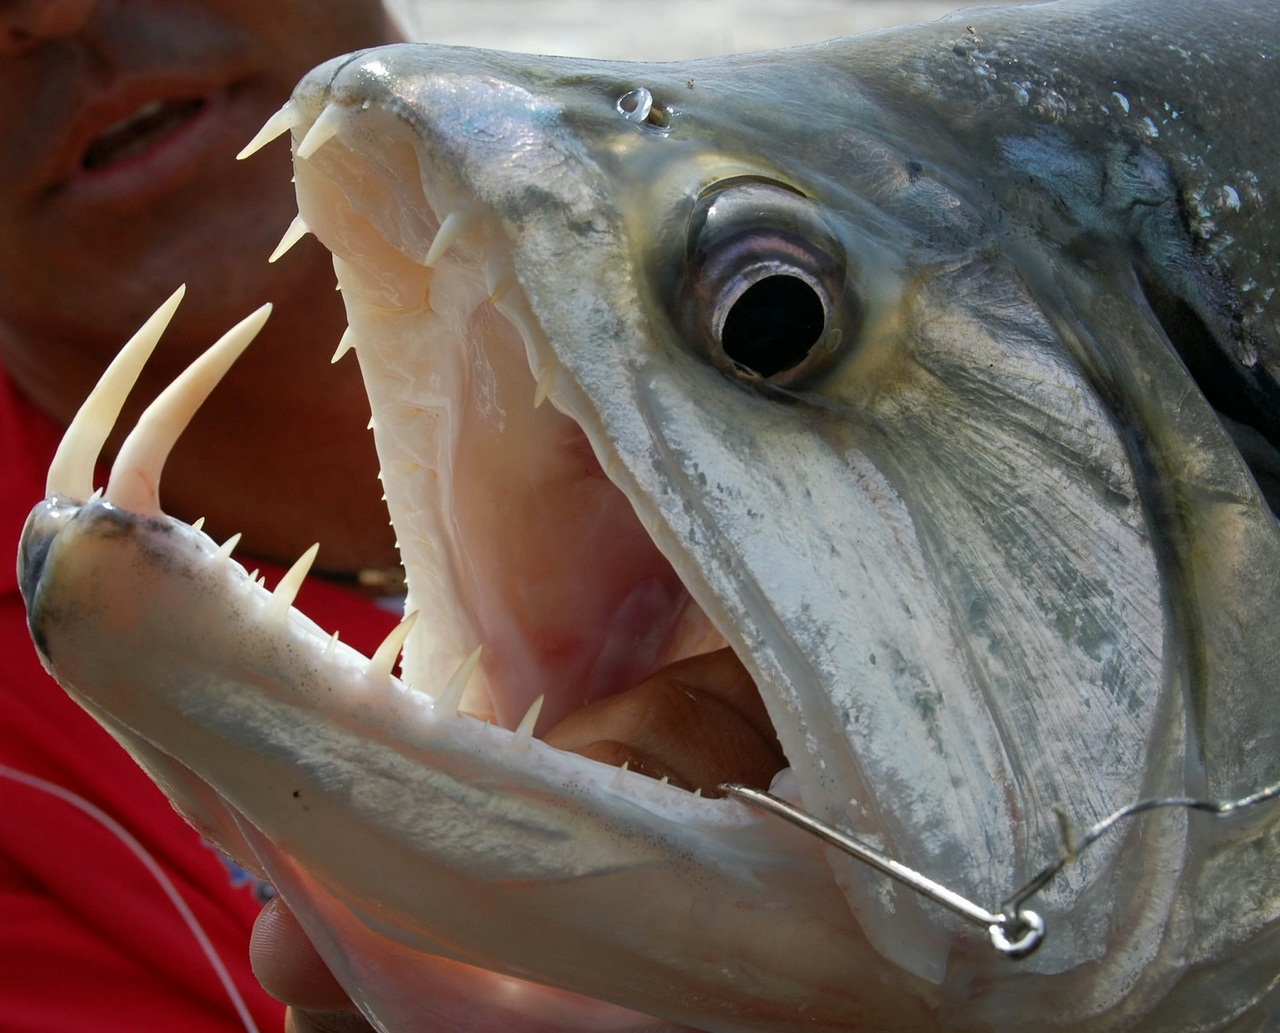 рыба с огромными зубами фото время второй поездки